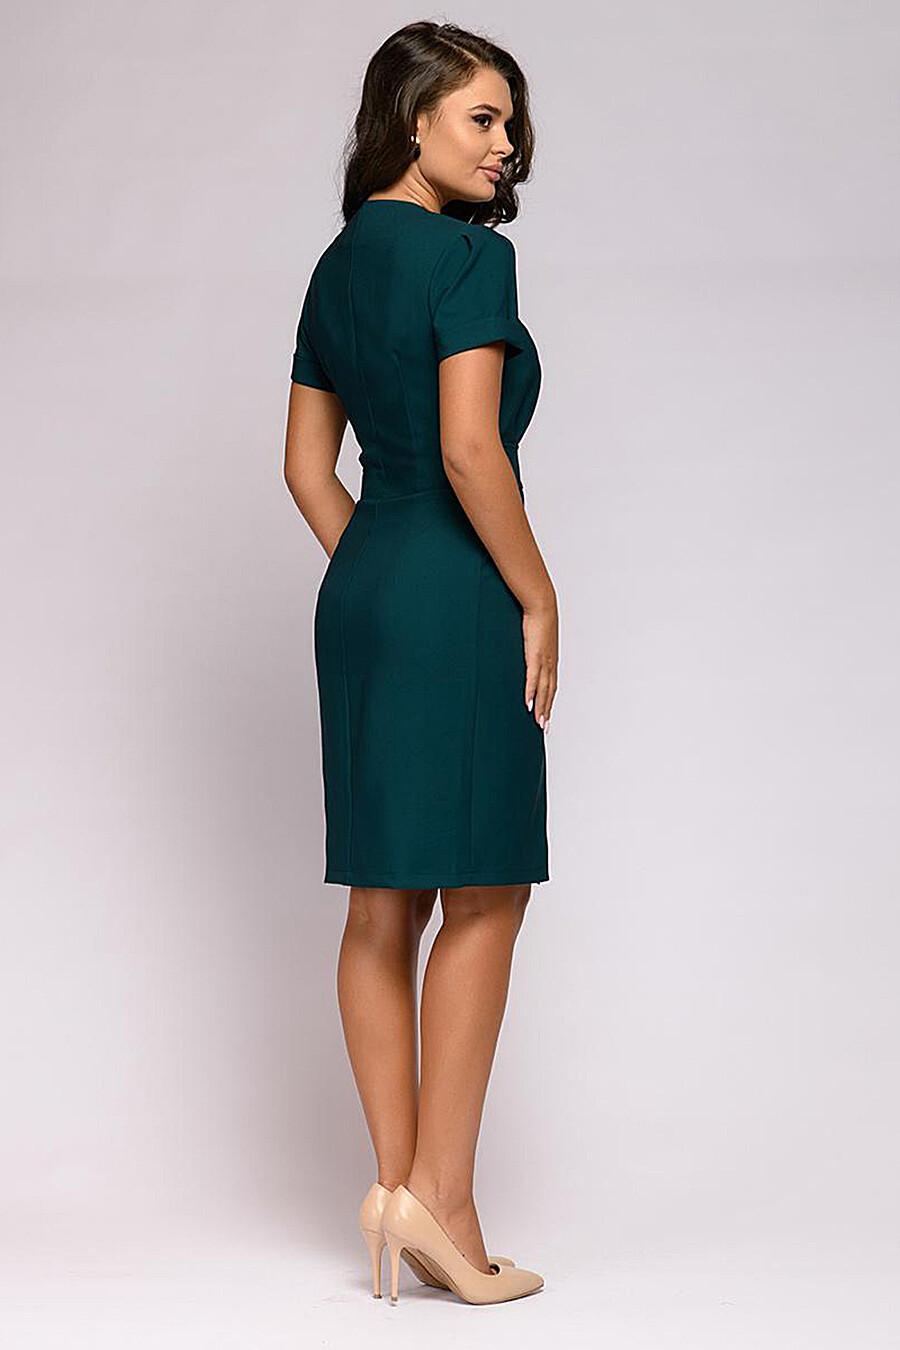 Платье для женщин 1001 DRESS 181028 купить оптом от производителя. Совместная покупка женской одежды в OptMoyo